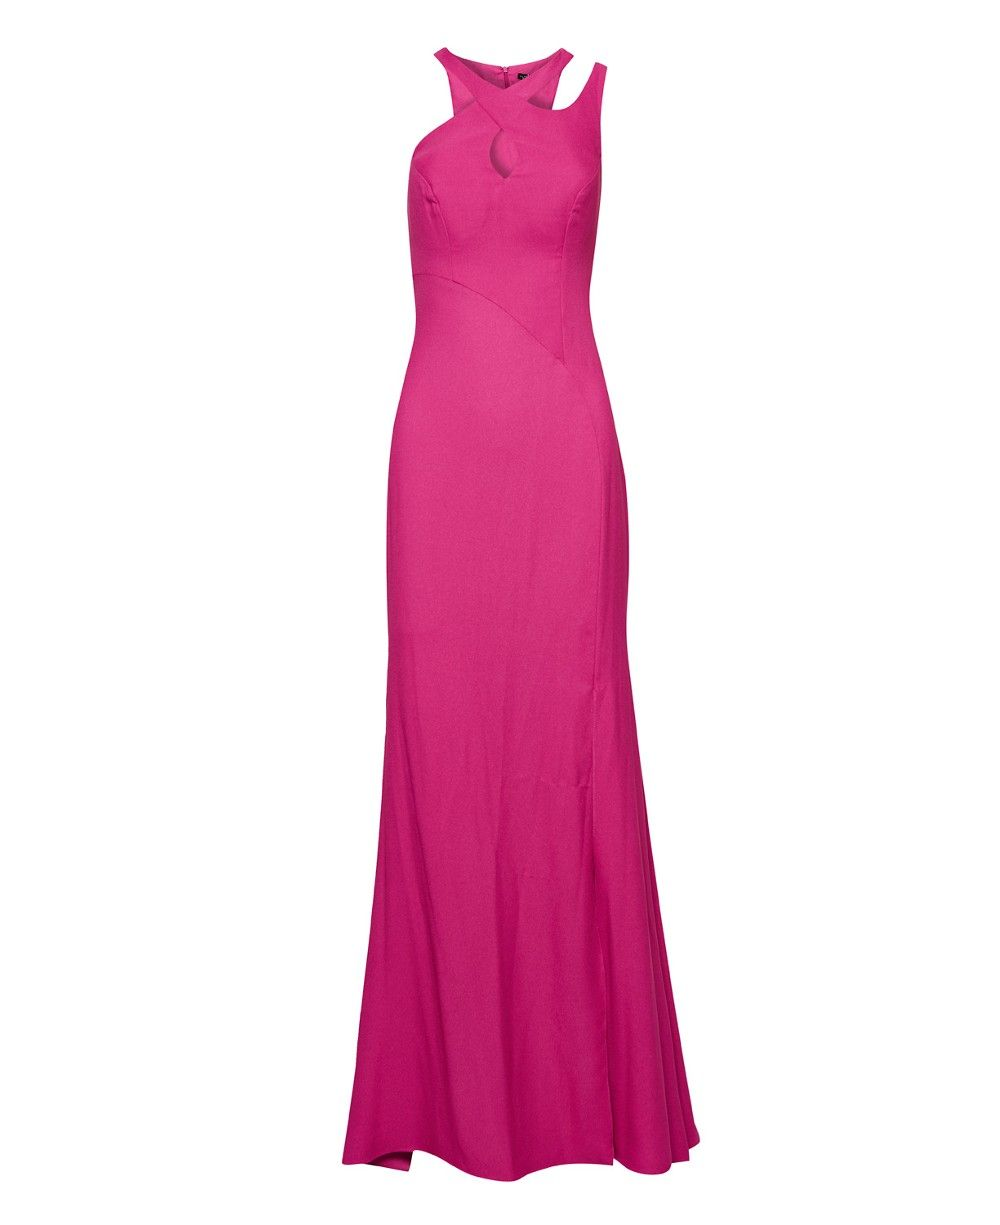 Bonito Prom Vestido Verde Imagen - Colección de Vestidos de Boda ...